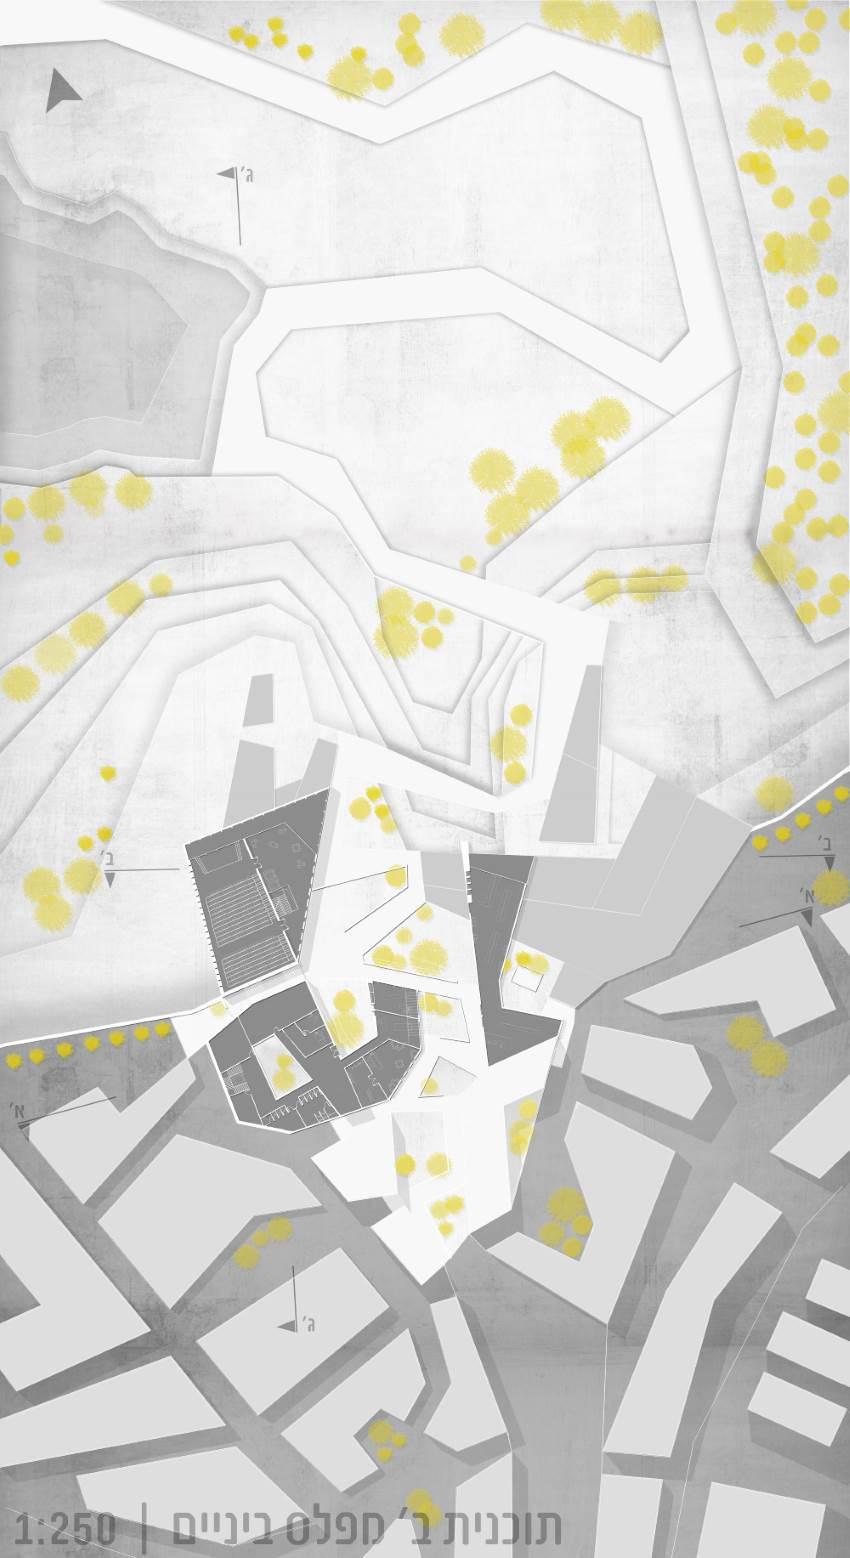 תוכנית ב טל אטינגר דוד|צילום:באדיבות אוניברסיטת אריאל בשומרון